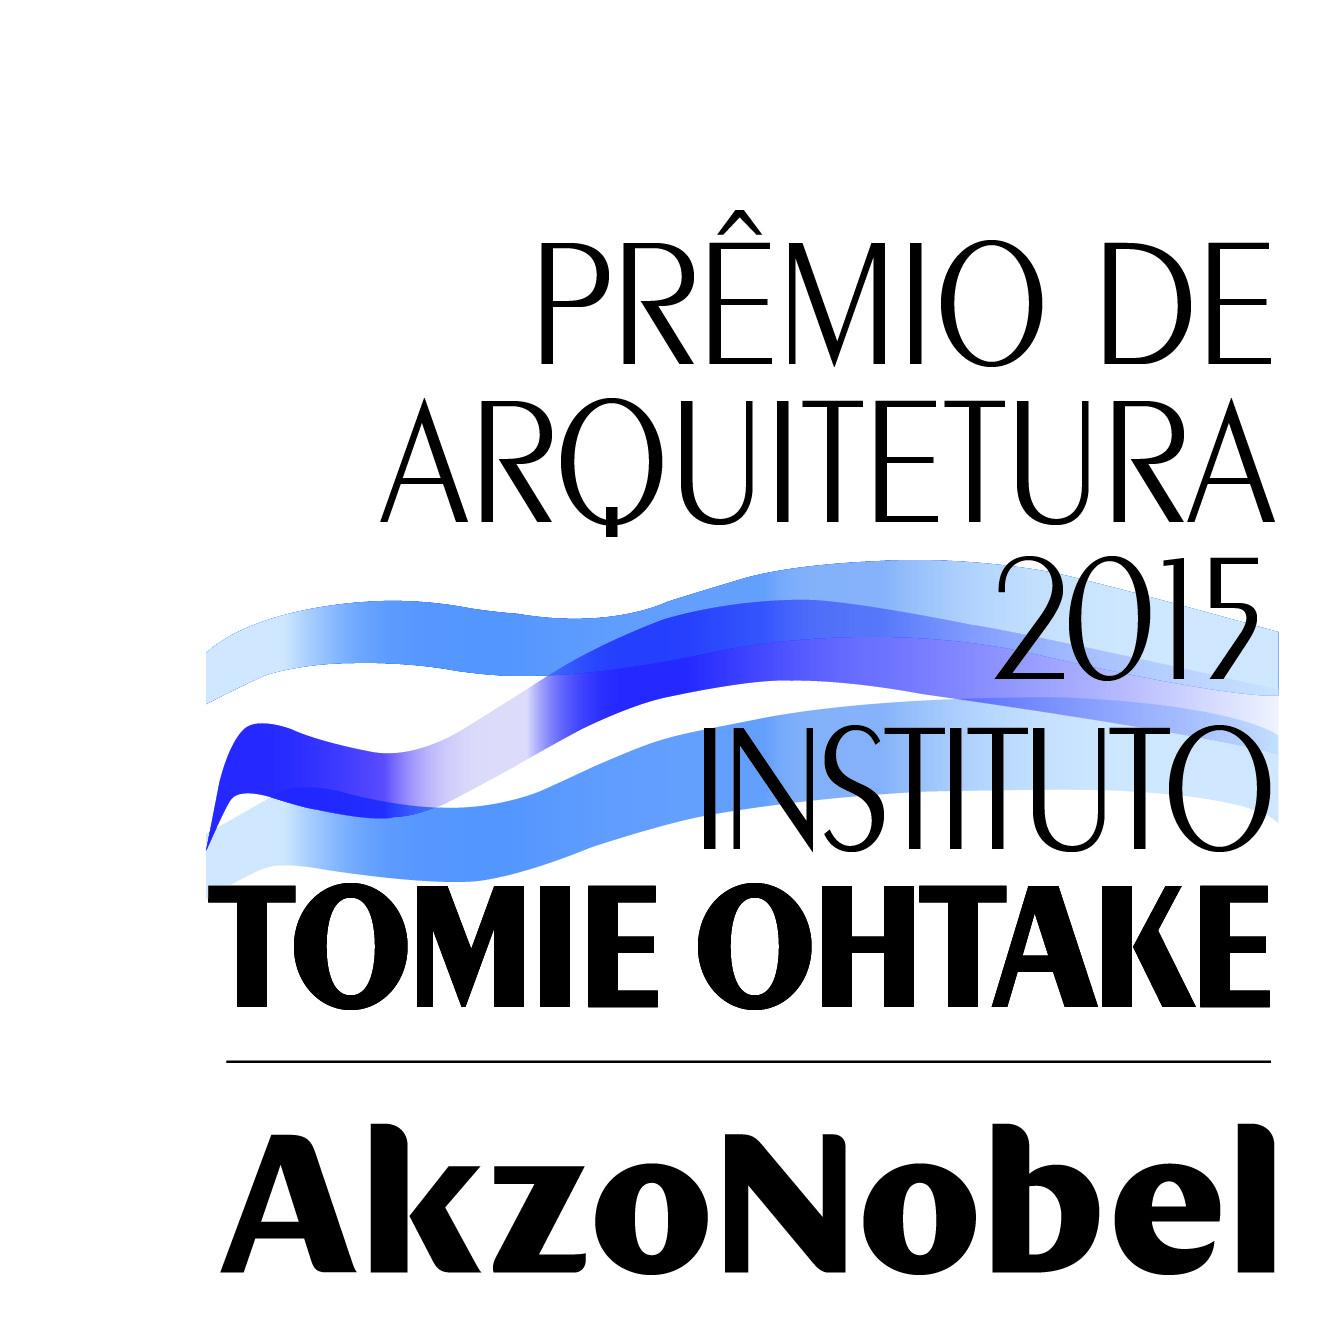 Inscrições abertas para o Prêmio de Arquitetura Instituto Tomie Ohtake AkzoNobel 2015, Cortesia de Instituto Tomie Ohtake